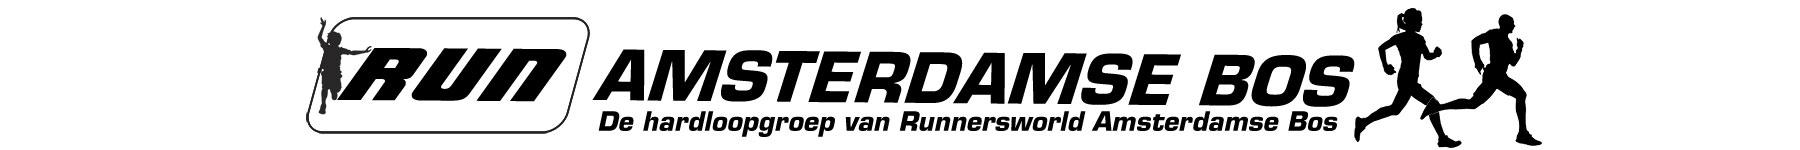 Run Amsterdamse Bos